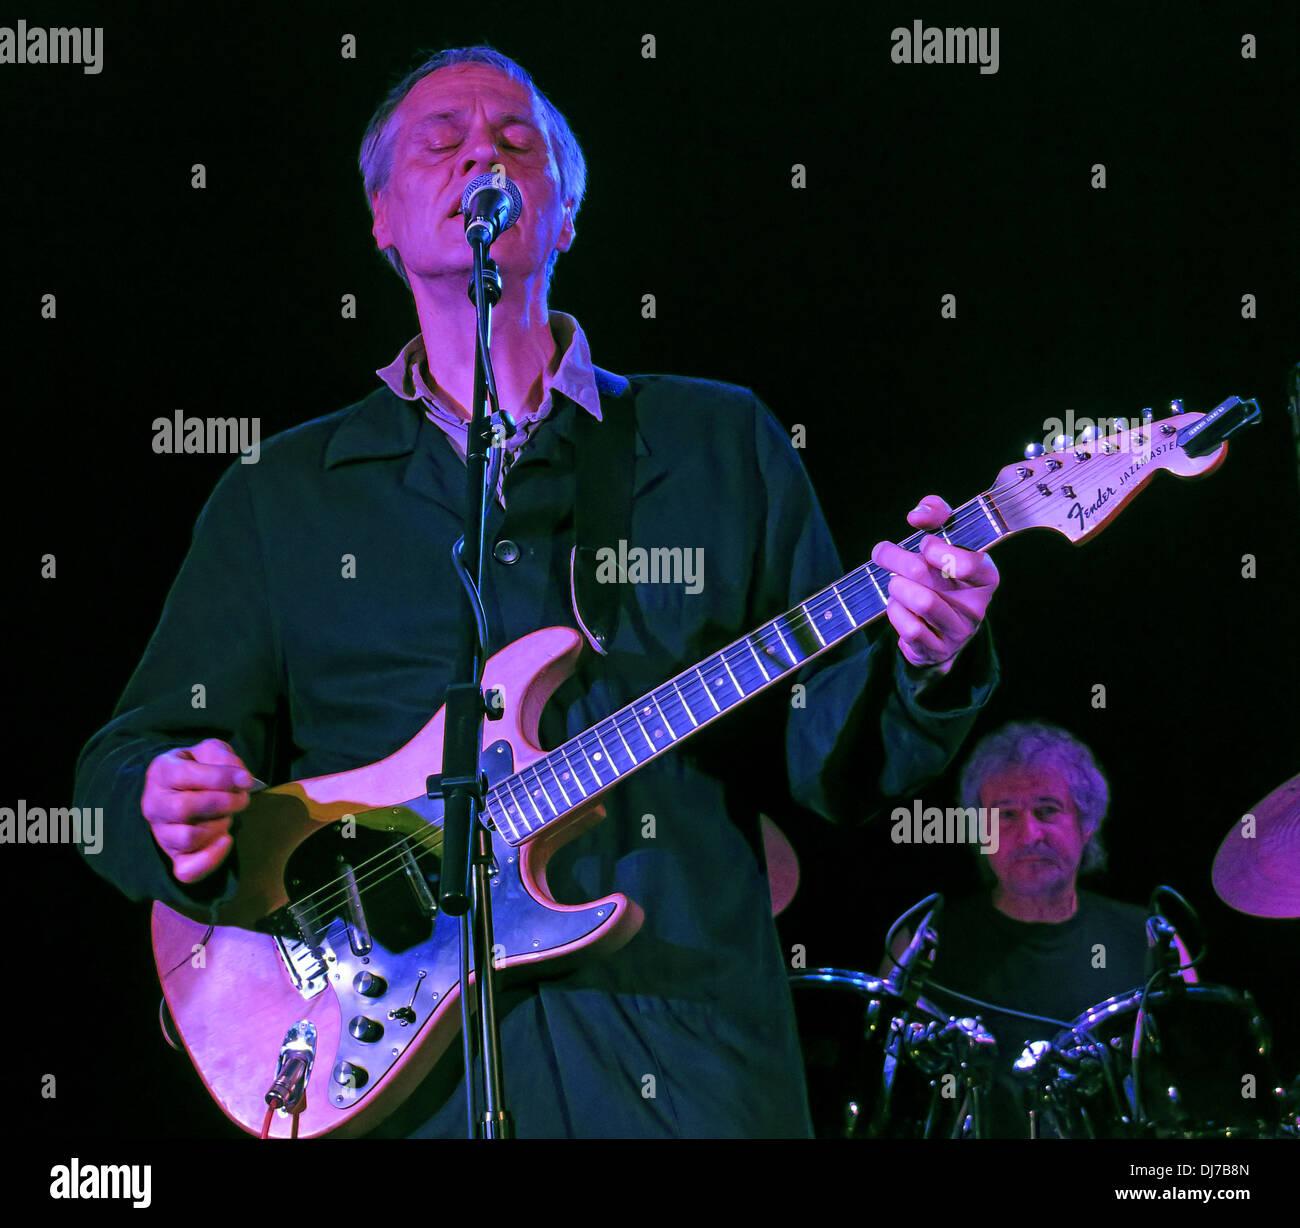 Laden Sie dieses Alamy Stockfoto New Yorker Fernsehen, live an der Manchester Academy 17. November 2013 - Tom Verlaine mit Fender Jazzmaster Gitarren - DJ7B8N